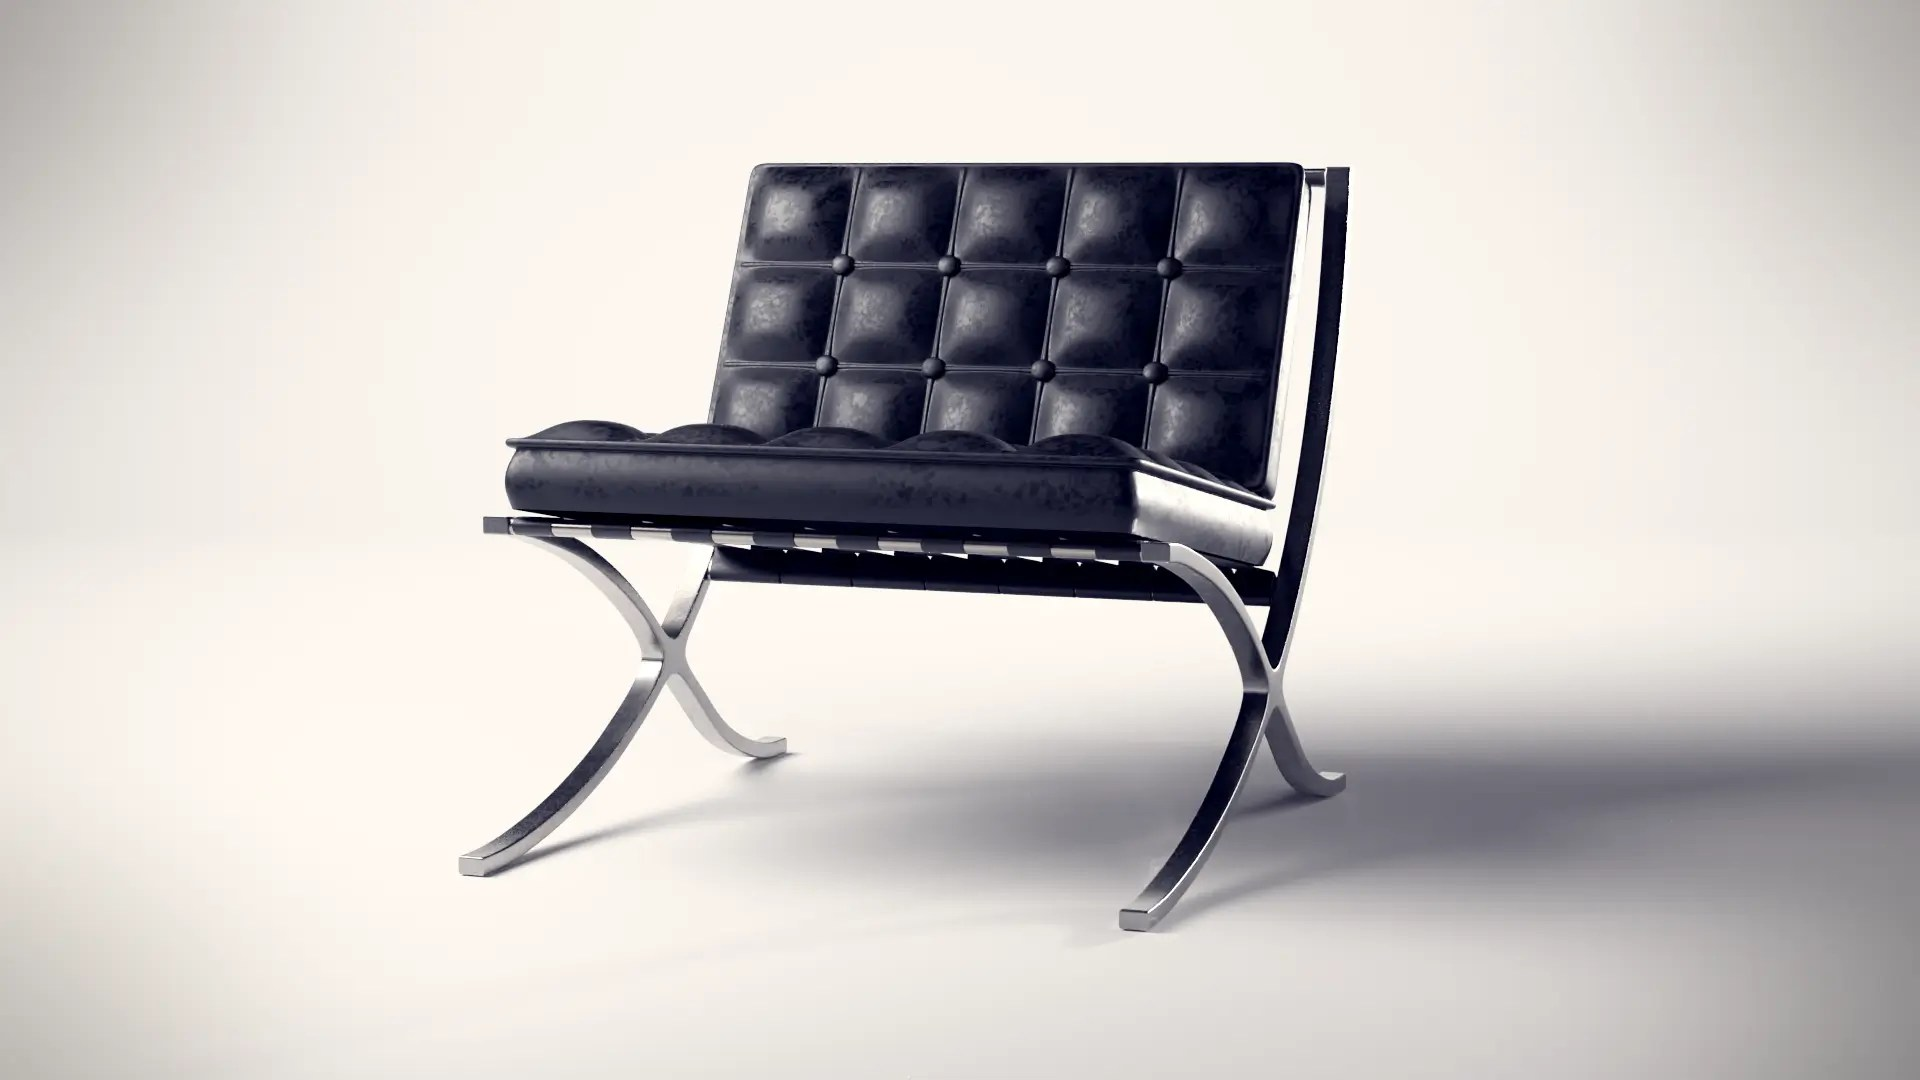 Whiteroom Rendering eines stilvollen Sessels in Leder-Optik mit Blickrichtung nach links